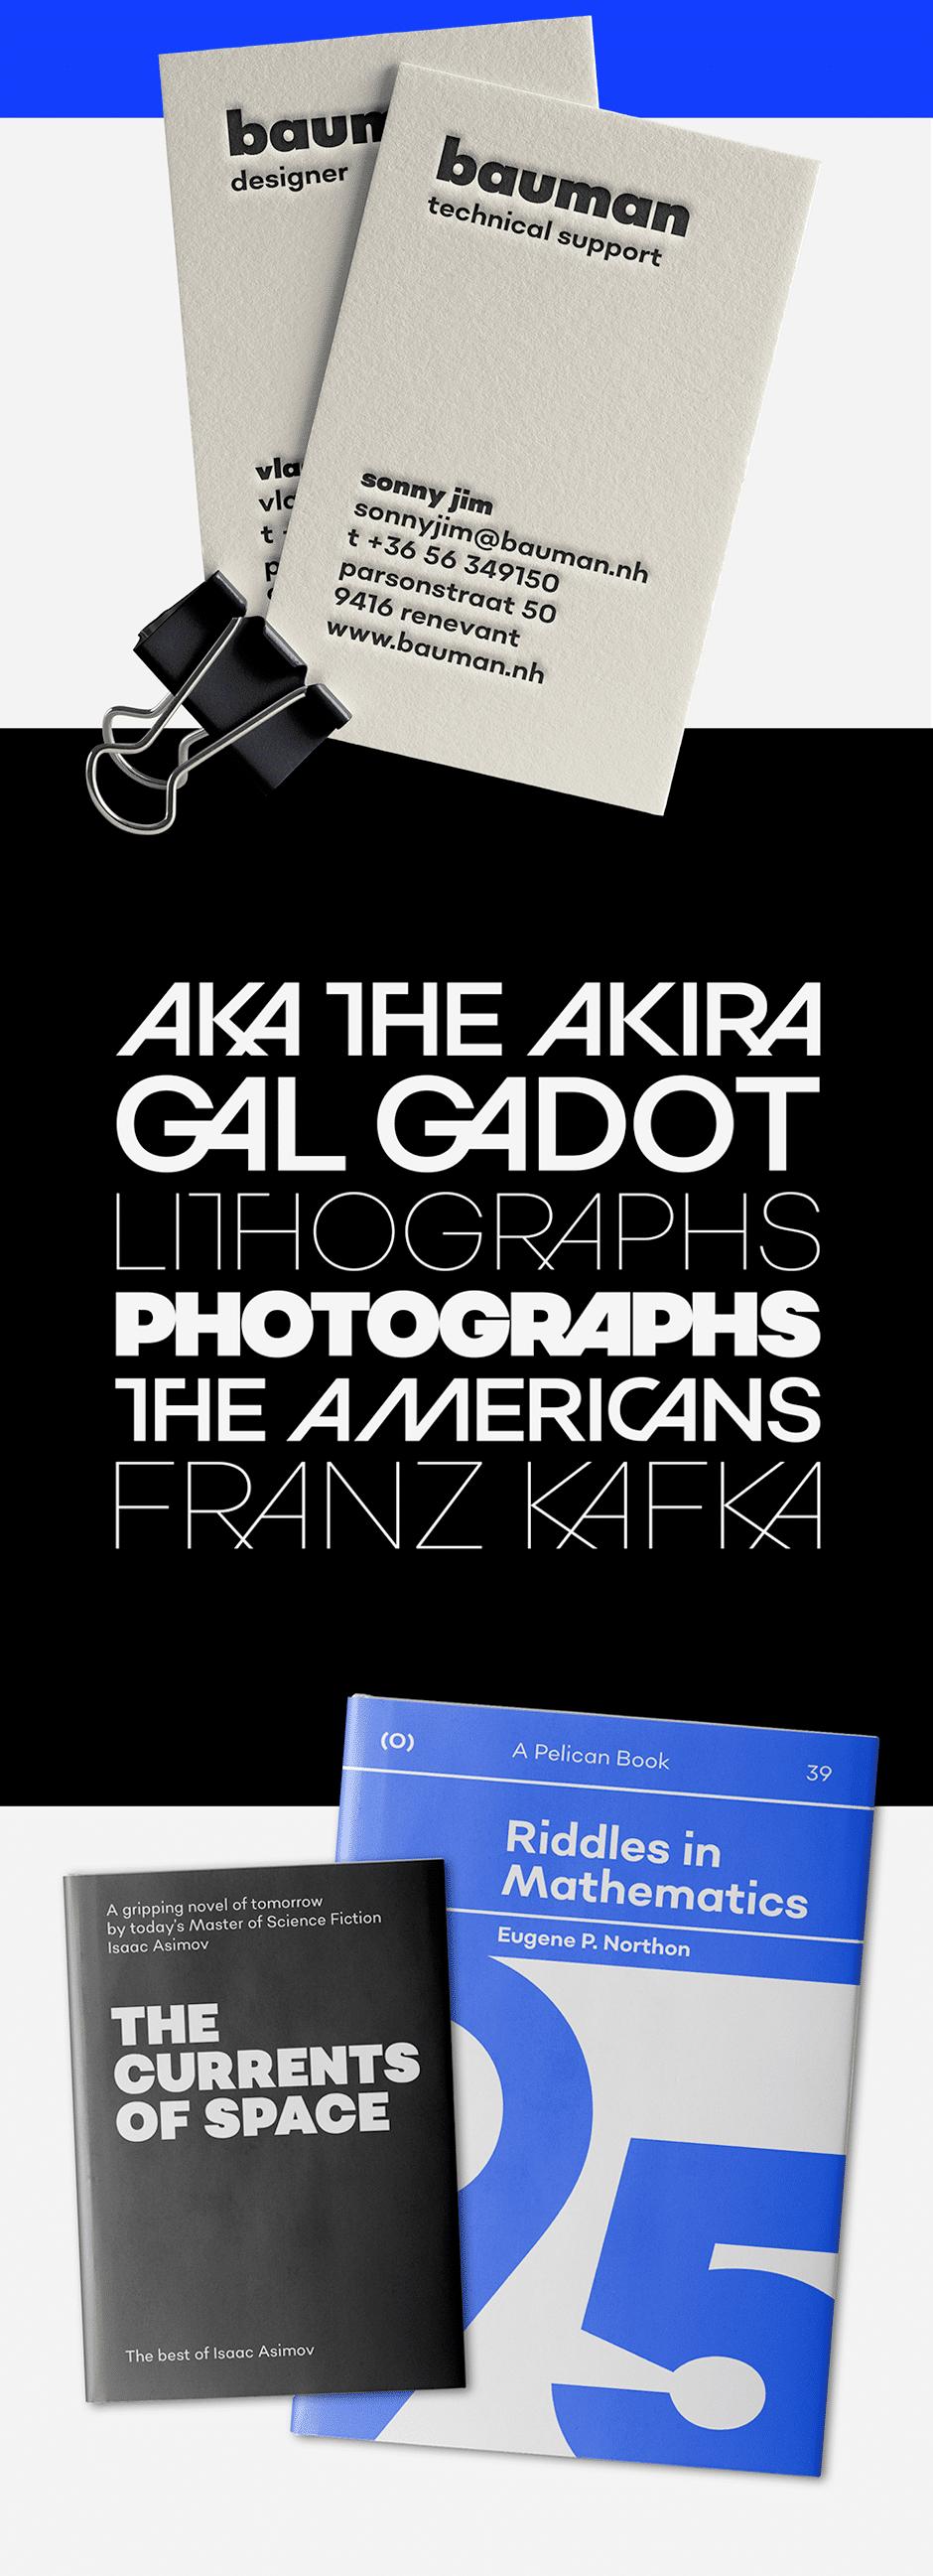 Avant Garde Font